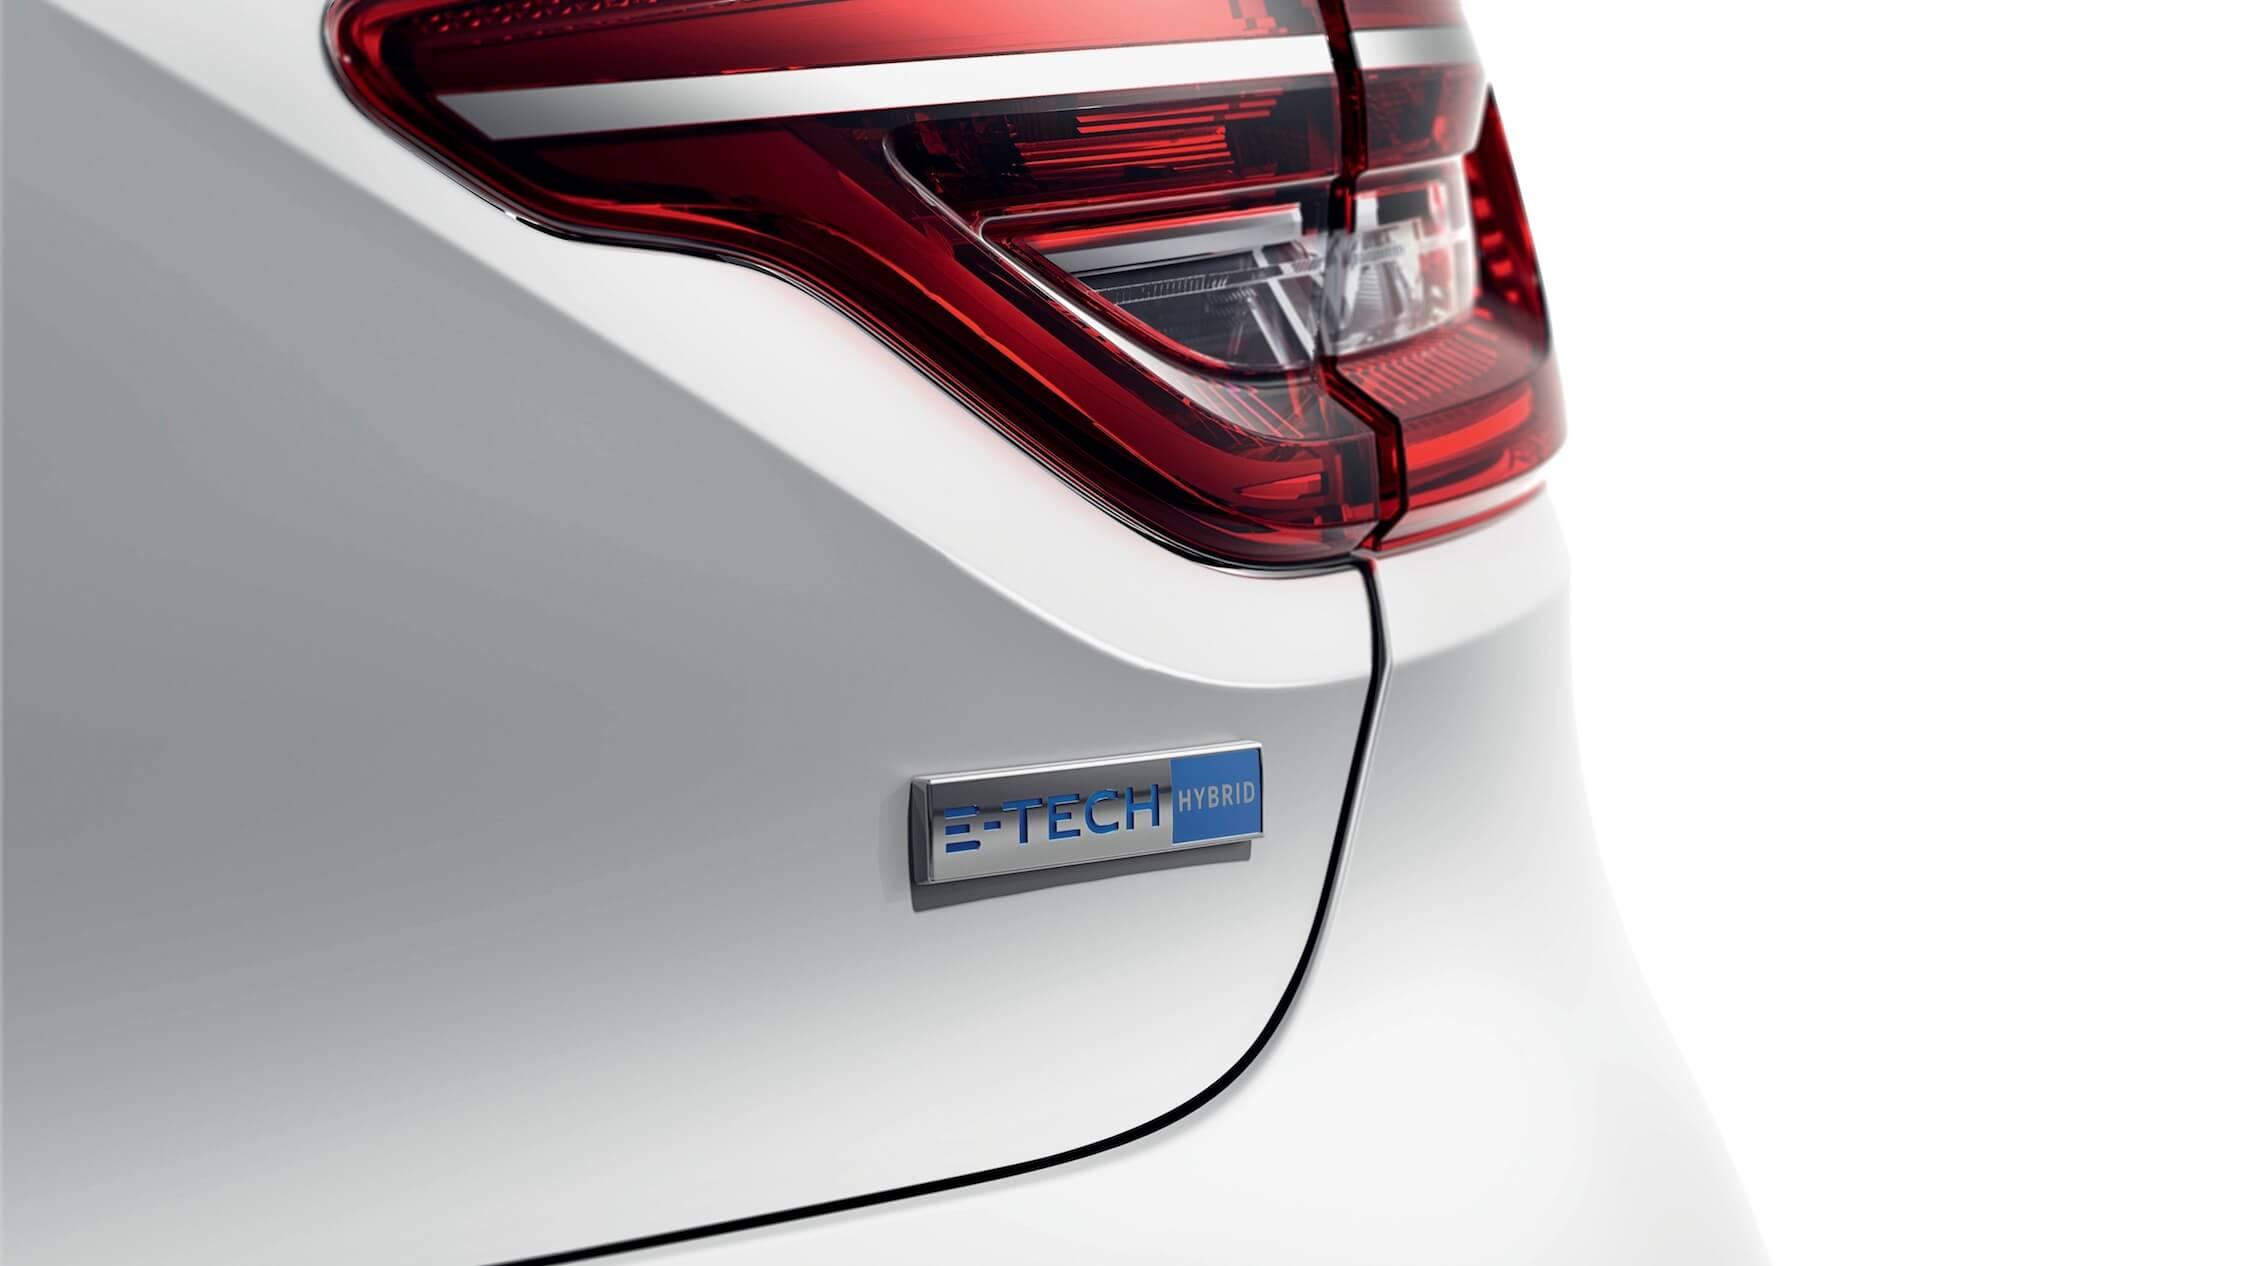 Hybride Renault Clio E-Tech logo op achterklep